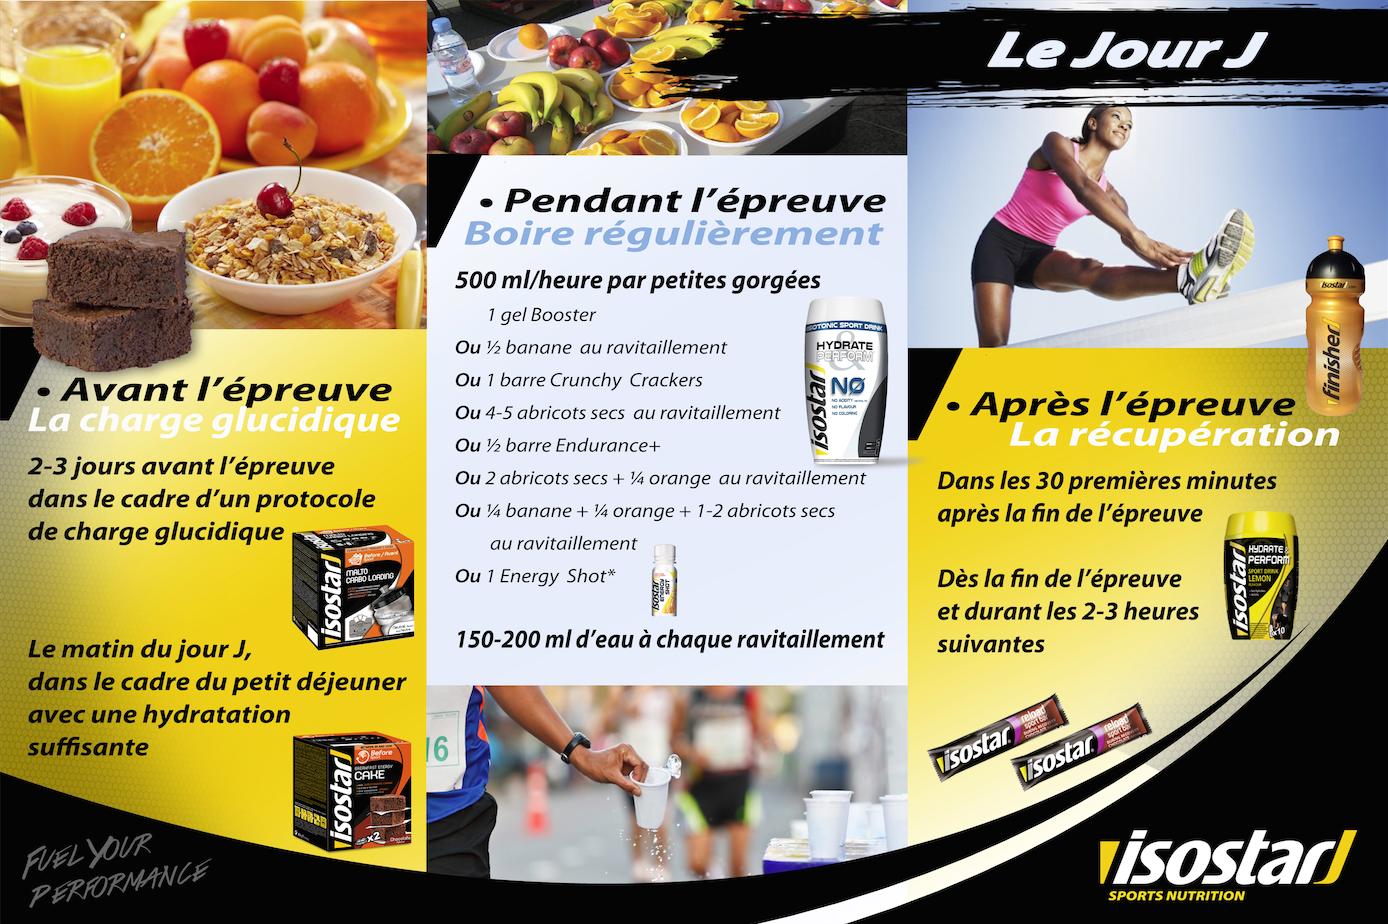 fiche-conseils-nutrition-isostar-docteur-course-préparation-hydratation-runpack-3